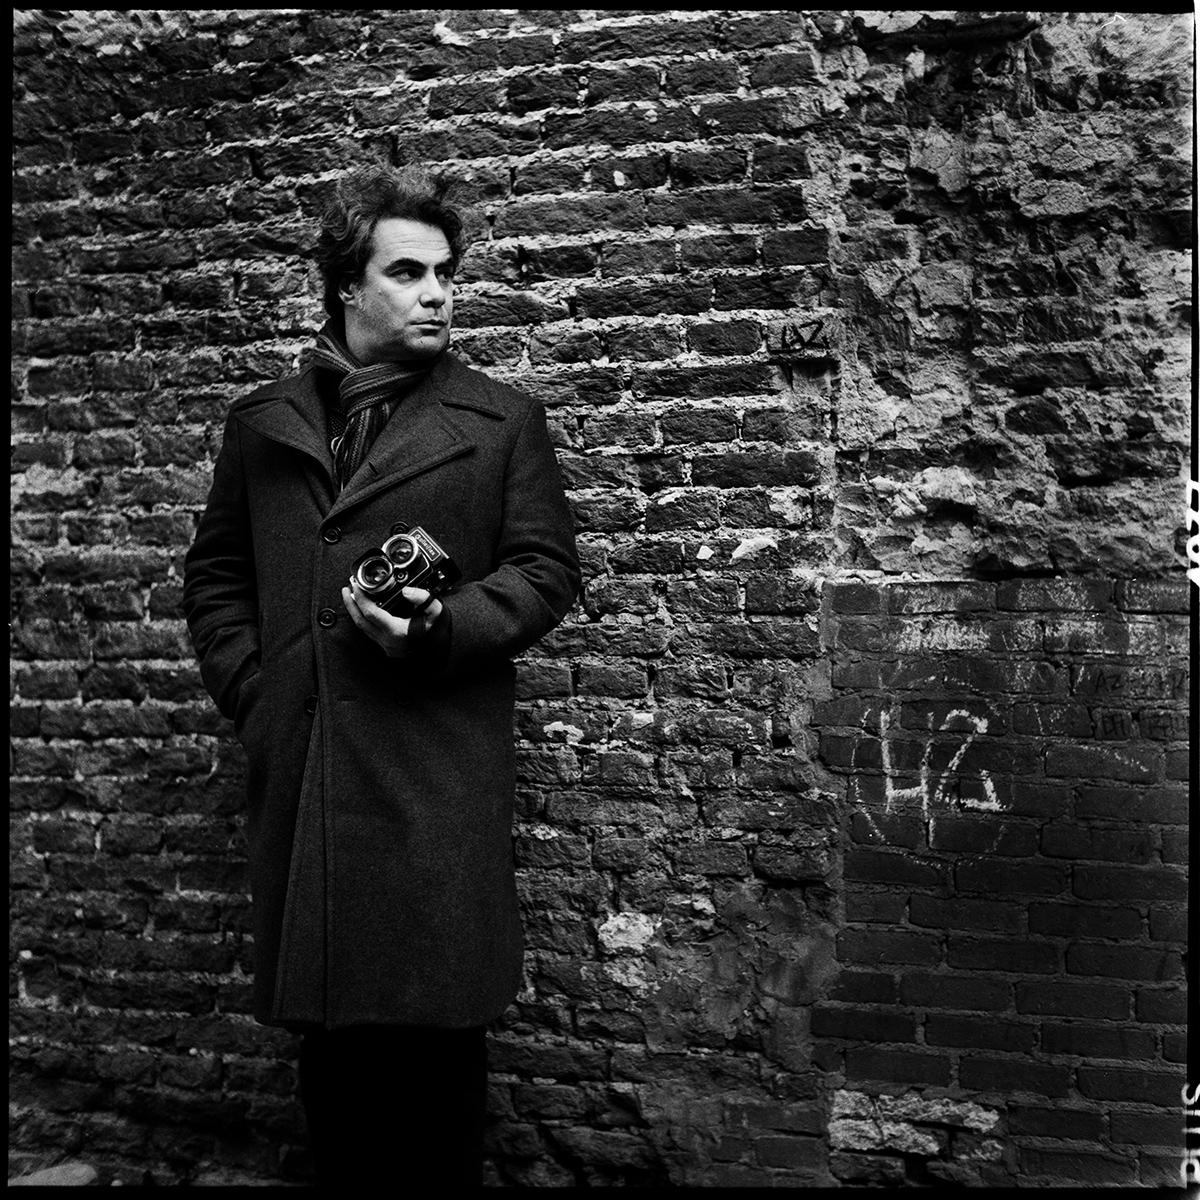 Hervé Baudat by Laurent Orseau #4